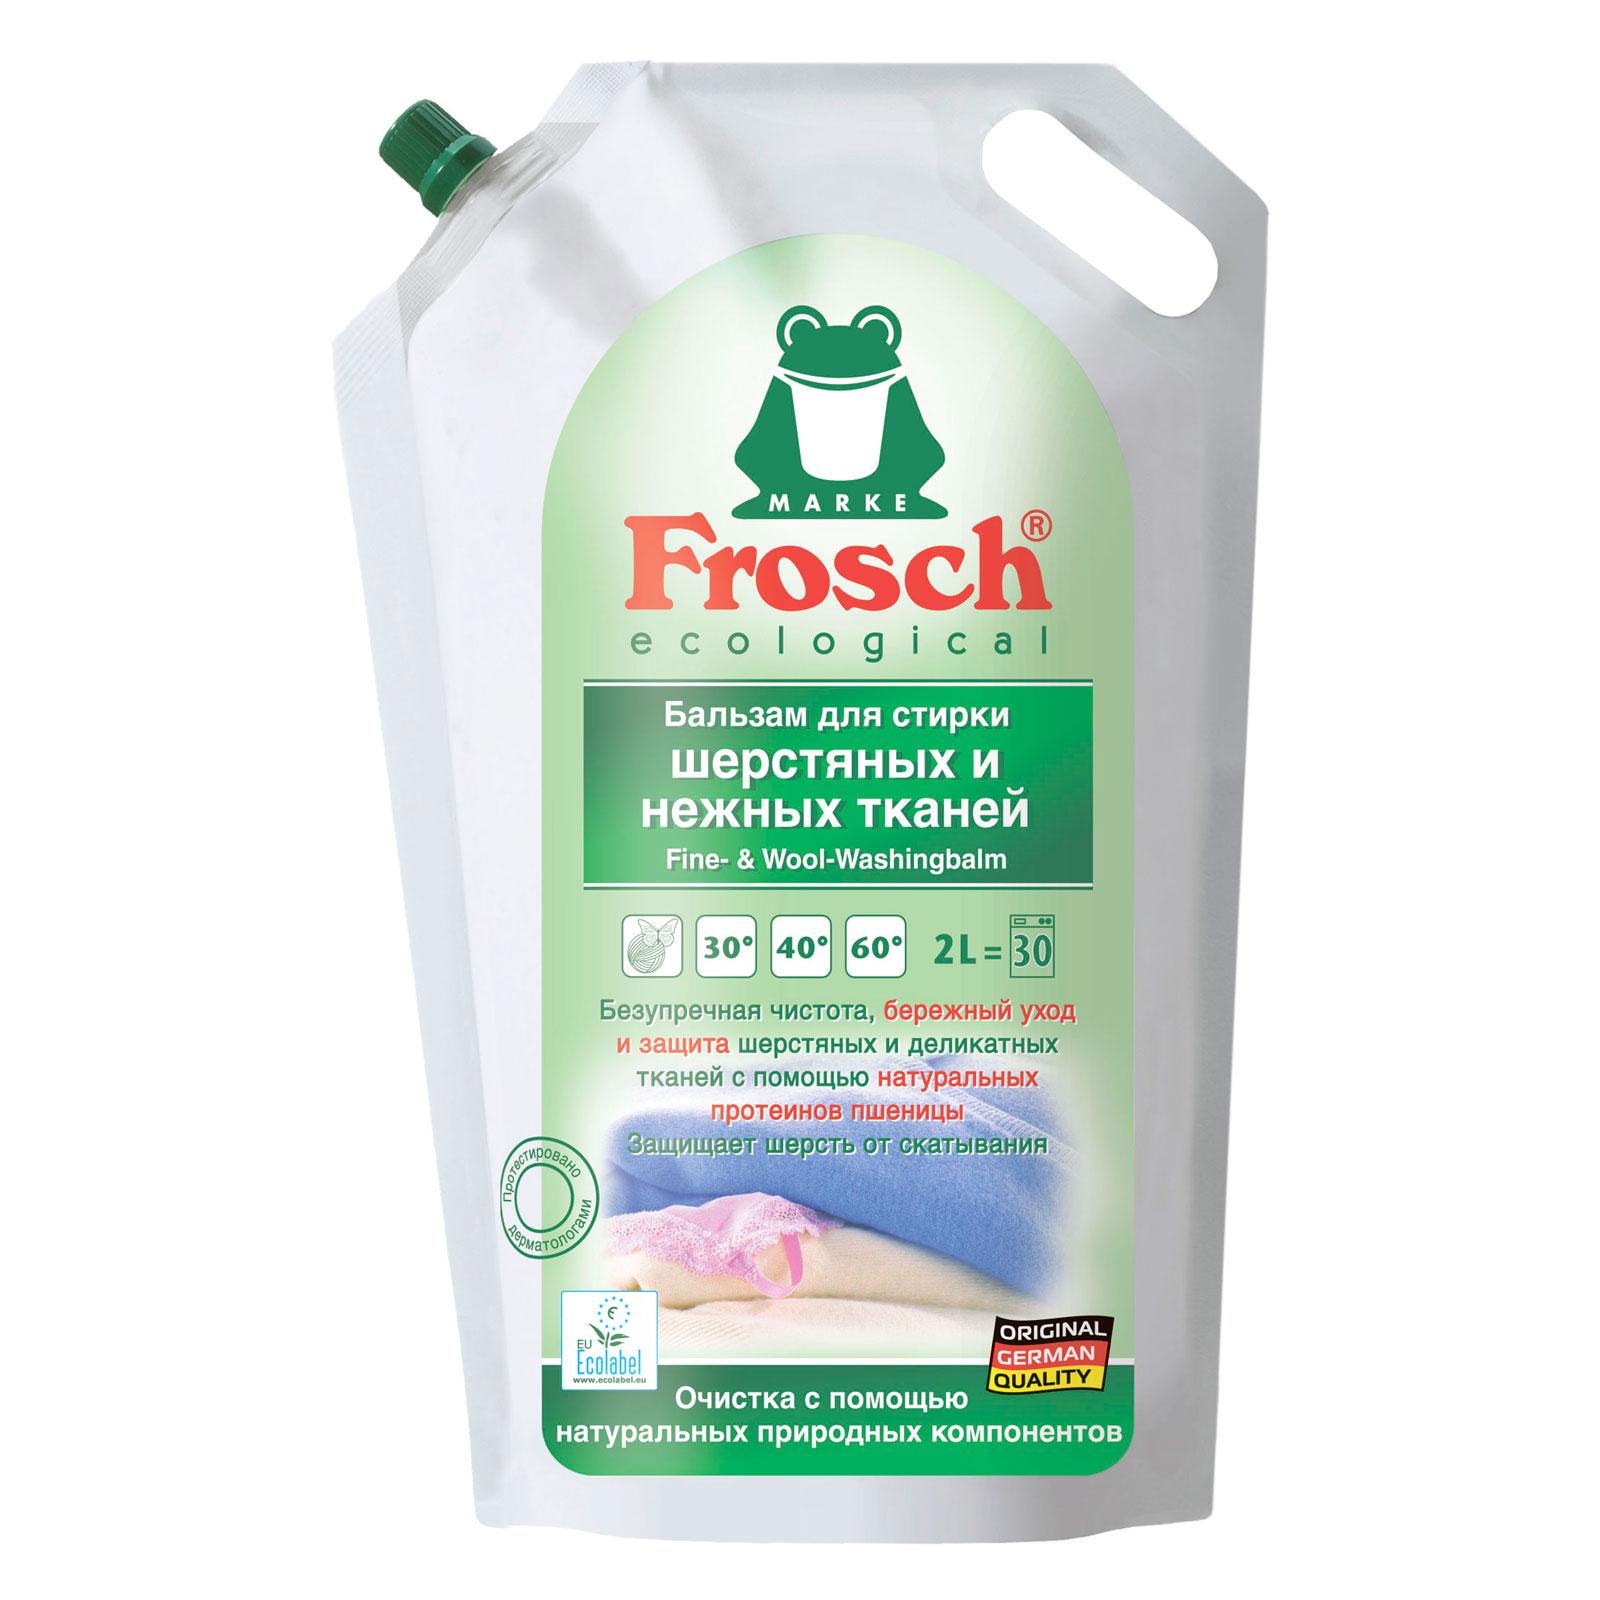 Жидкое средство Frosch для стирки для шерстяных и нежных тканей 2000 мл<br>